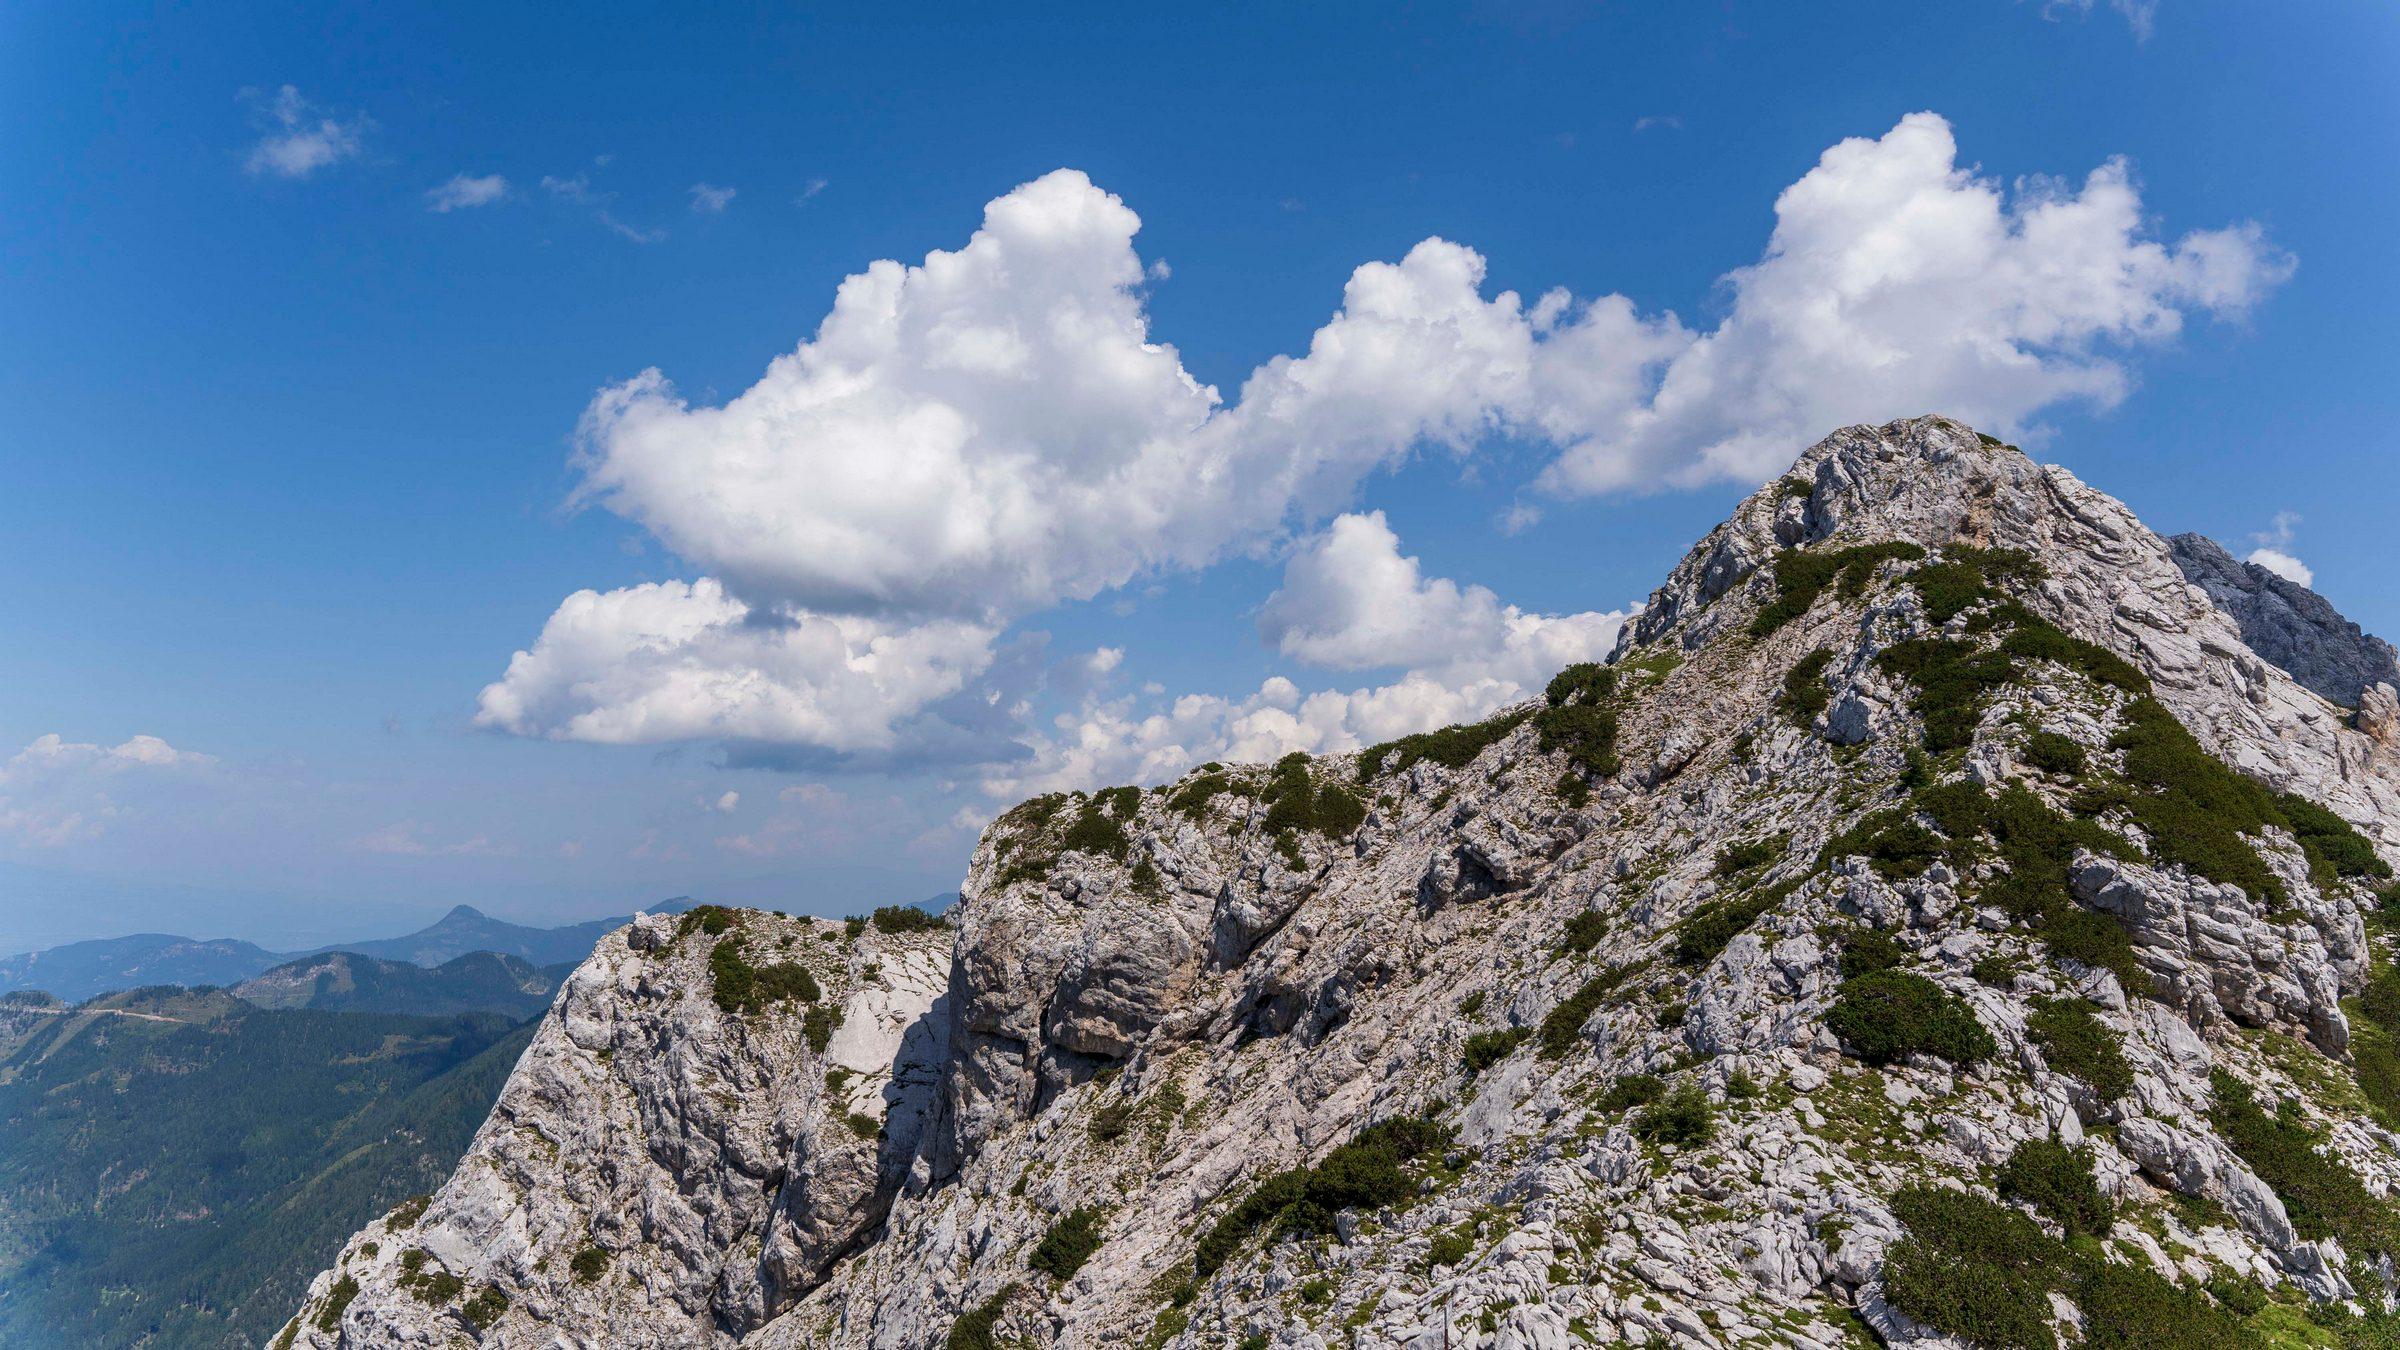 Petar Ribarić - Savinjske alpe